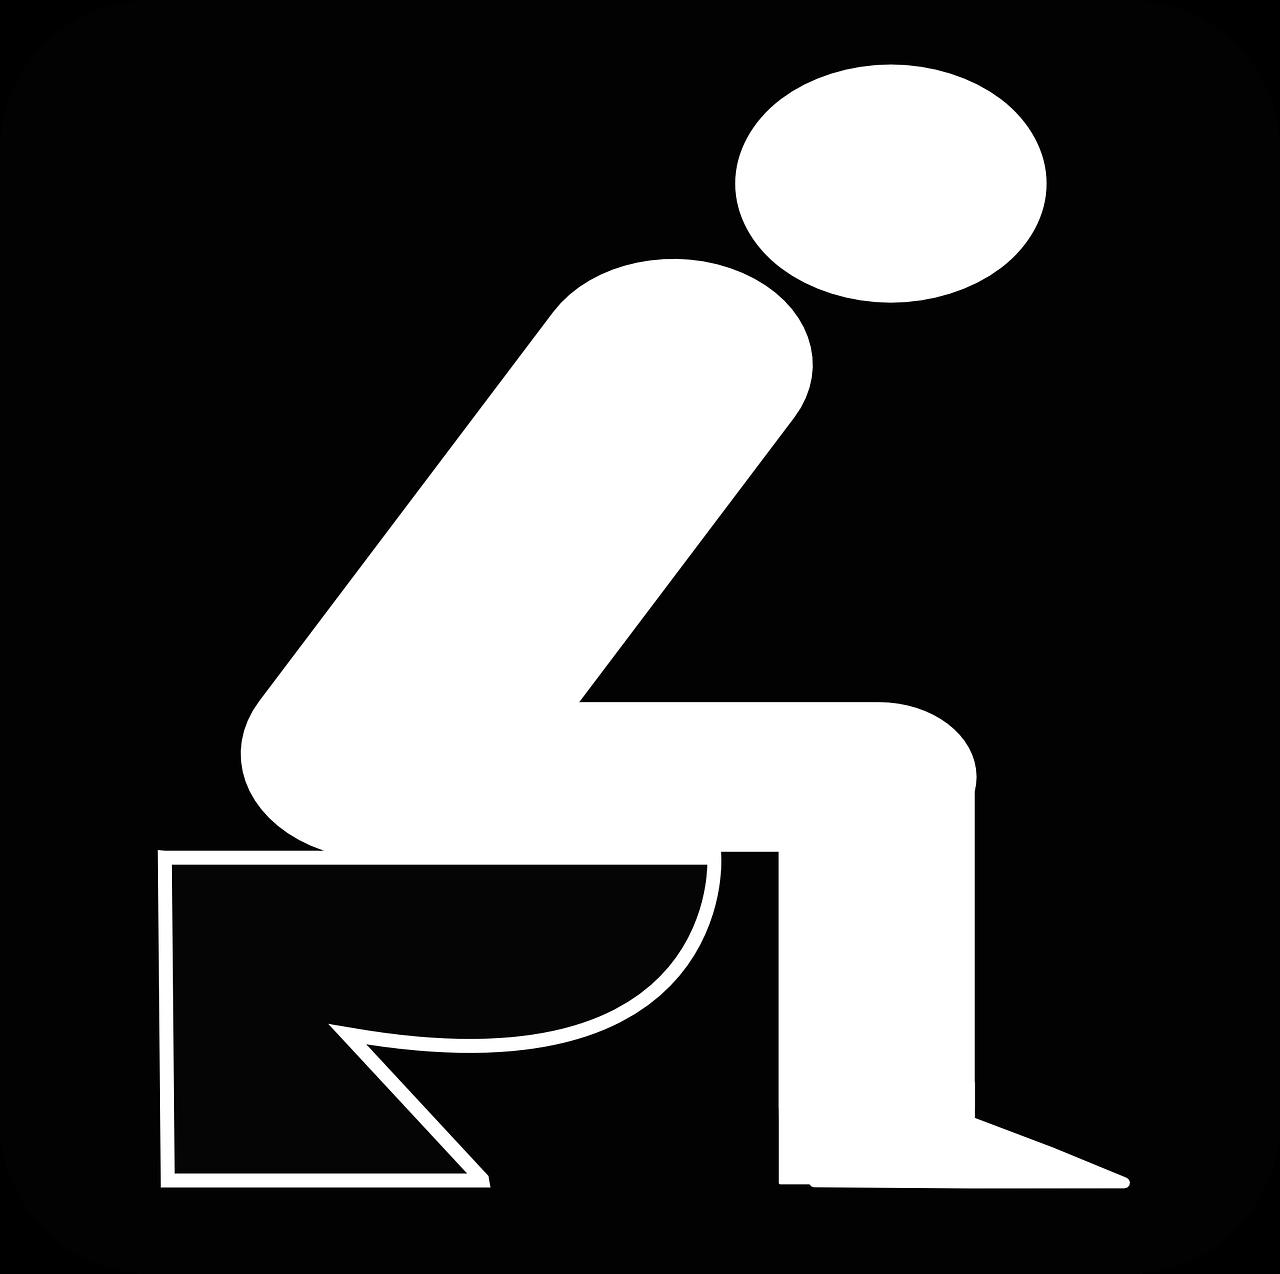 Dann stell dir doch einfach vor, er sitzt auf der Toilette ...